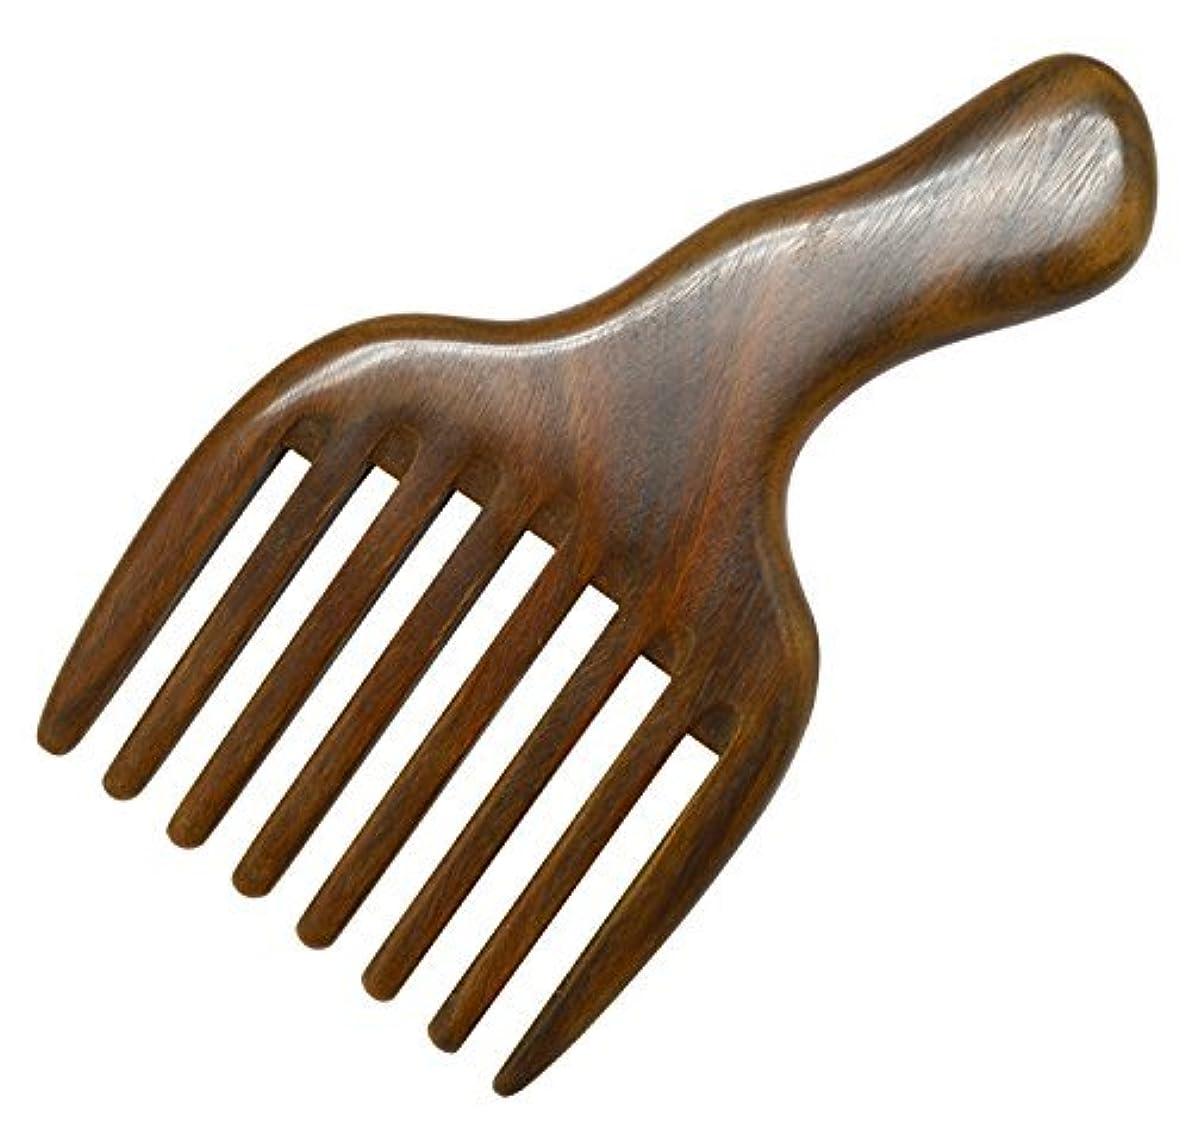 平方アダルト黒板Meta-C Hair/Beard Pick/Comb ? Made Of One Whole Piece Of Natural Green Sandal Wood With Fantastic Handle (Wide...